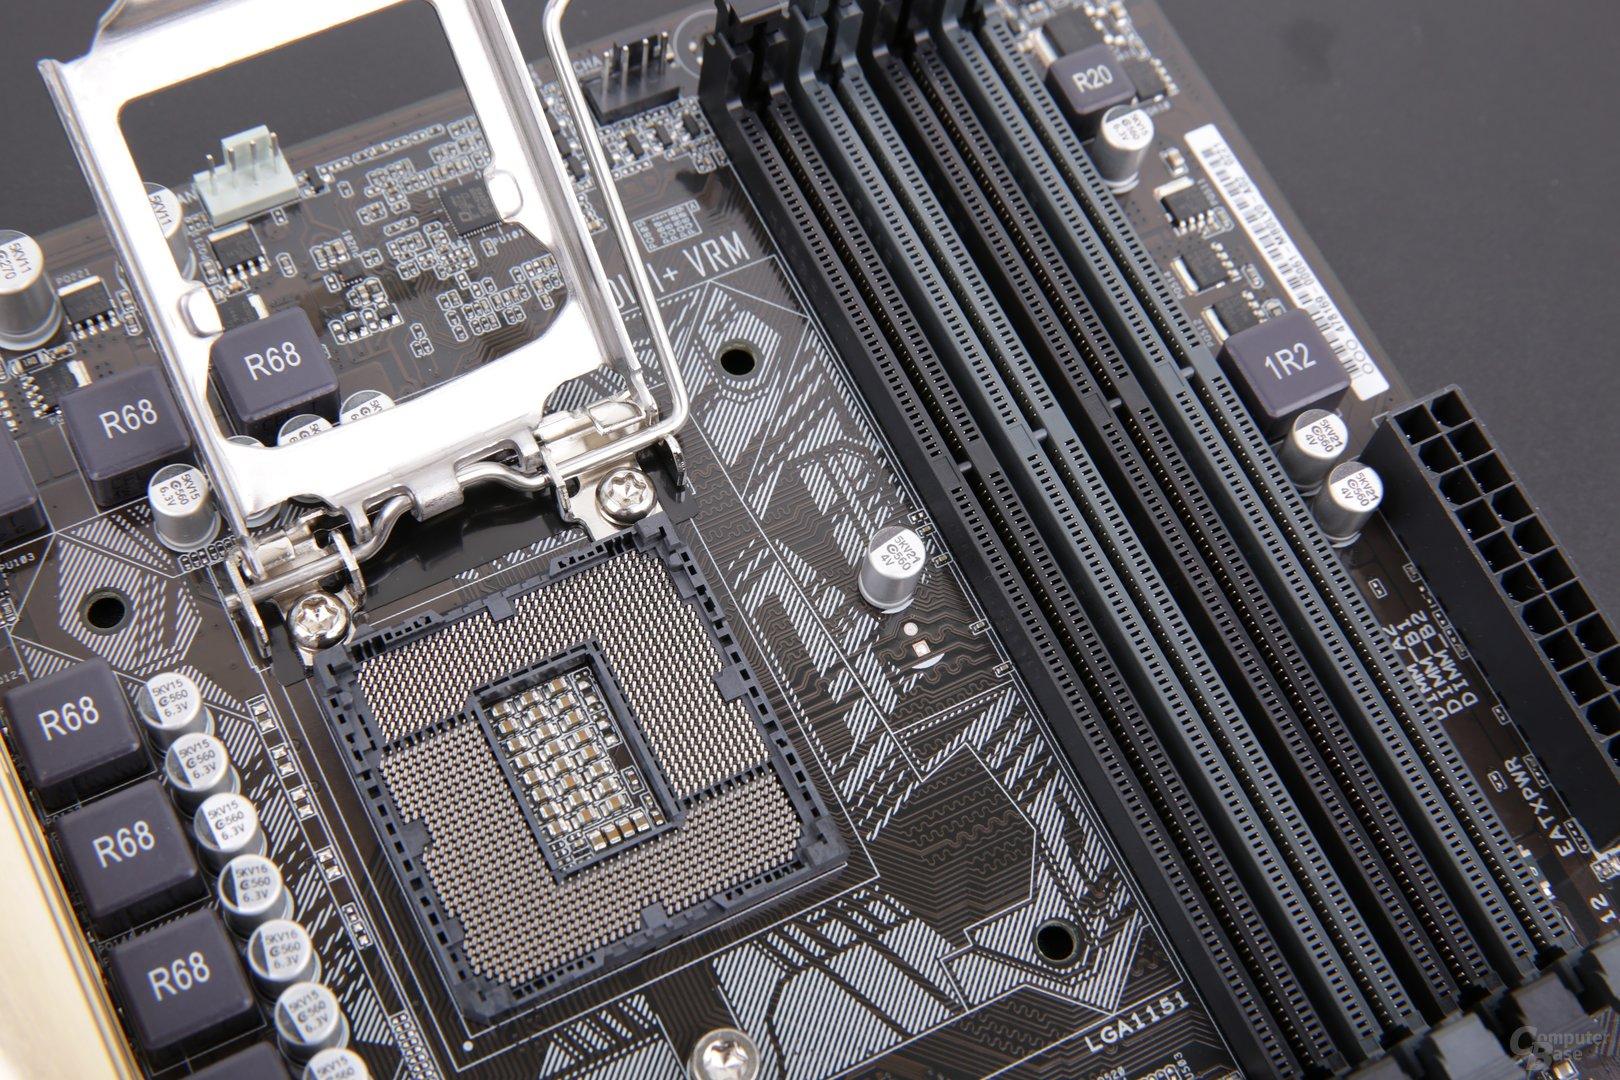 Asus-Mainboard für Skylake mit DDR3-Speicher